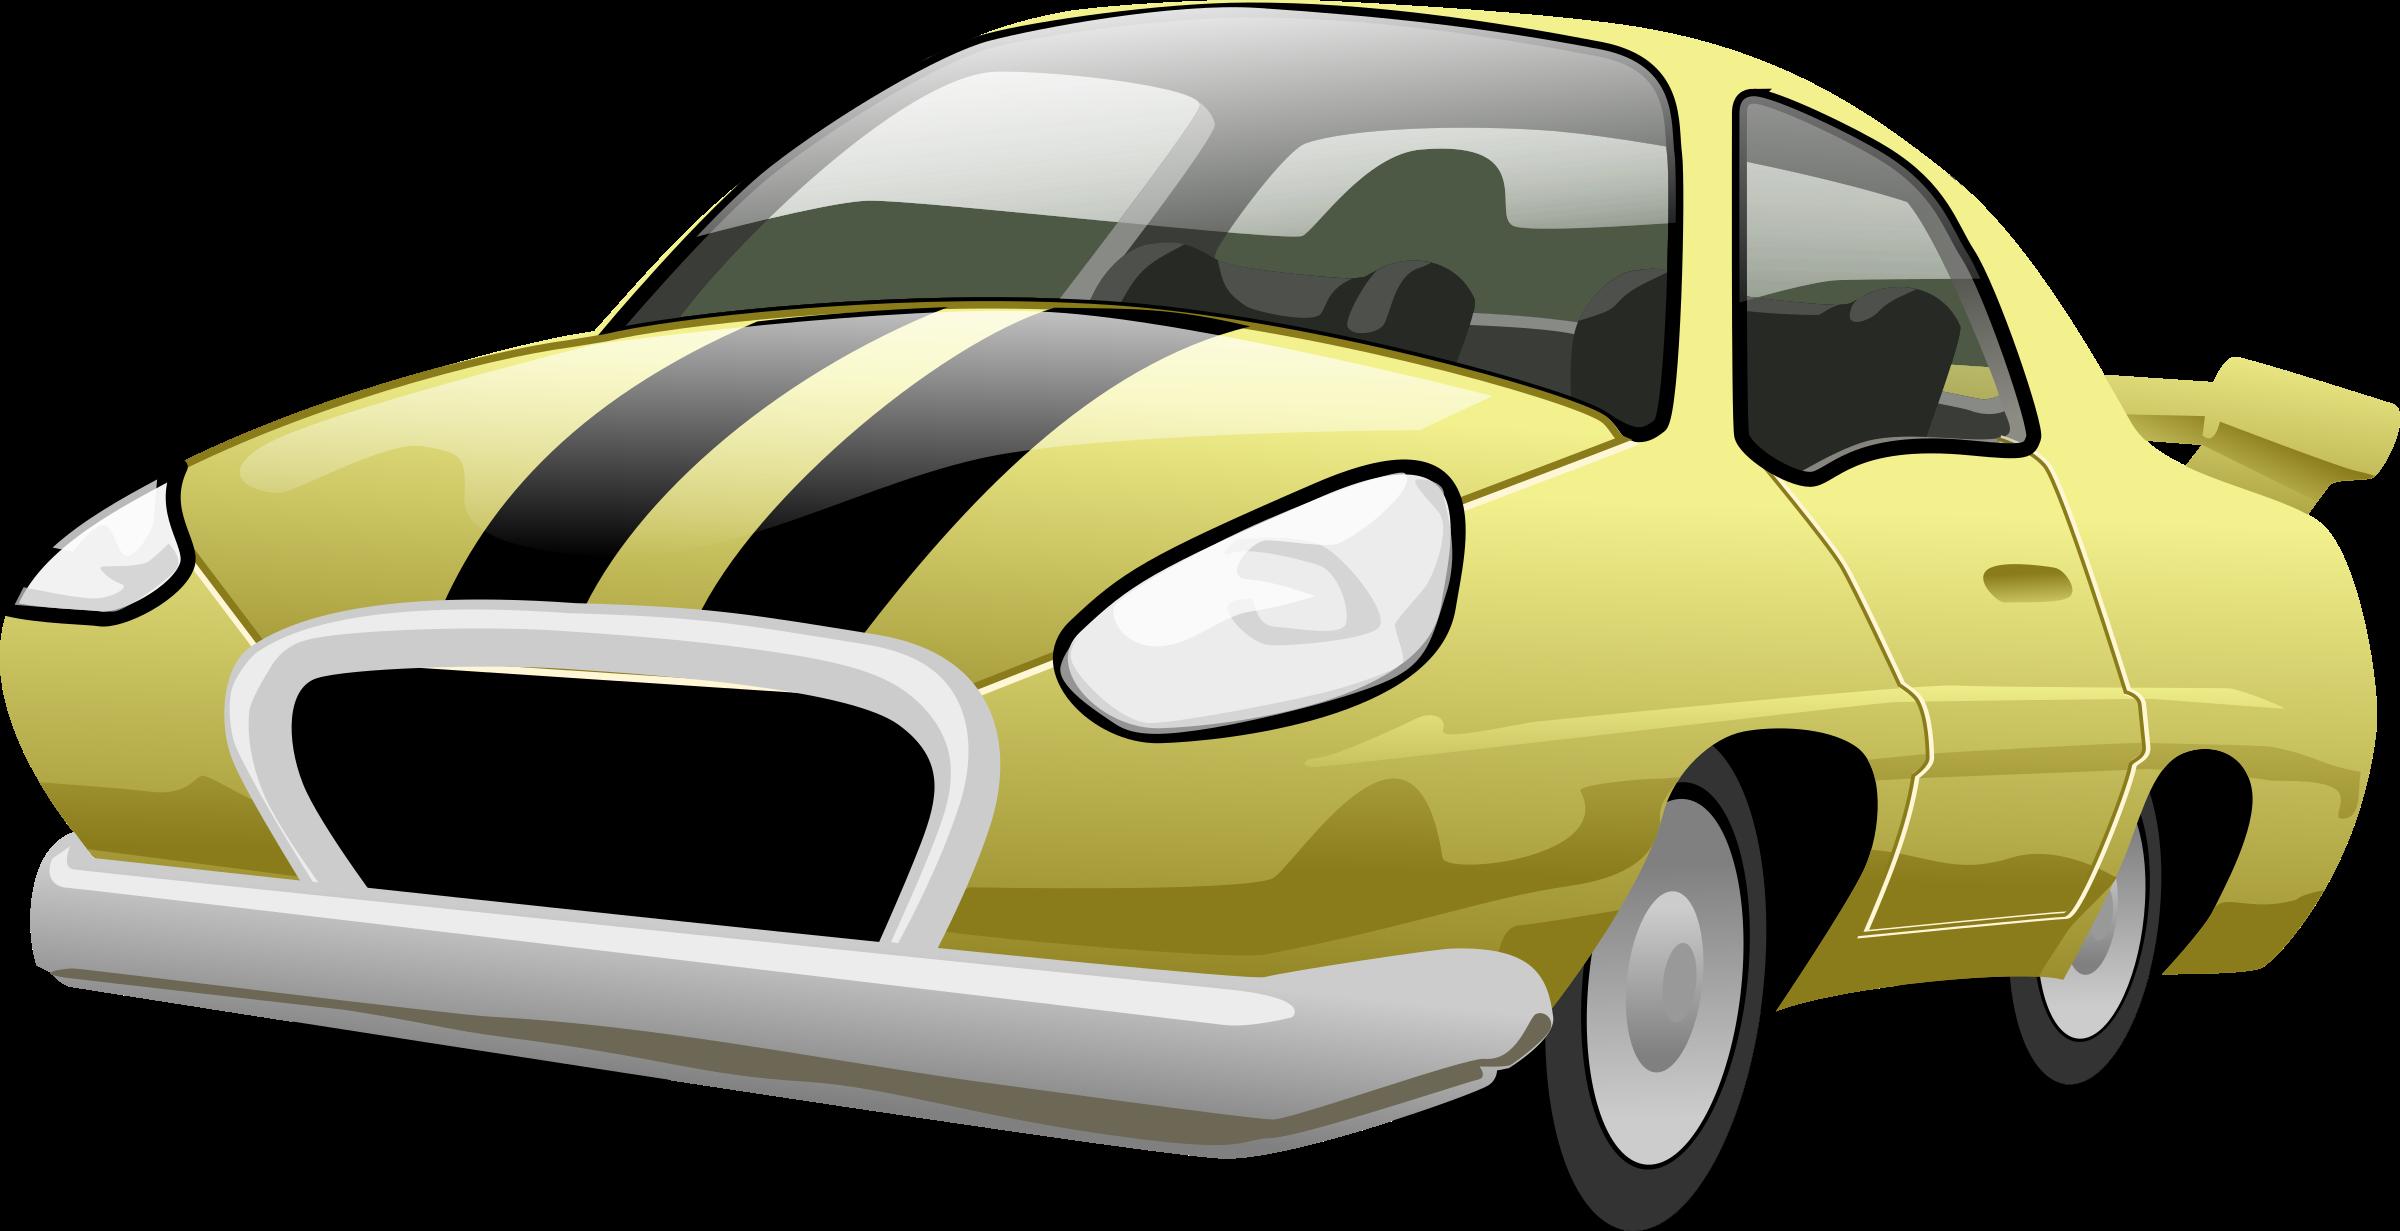 Big image png. Clipart car sport